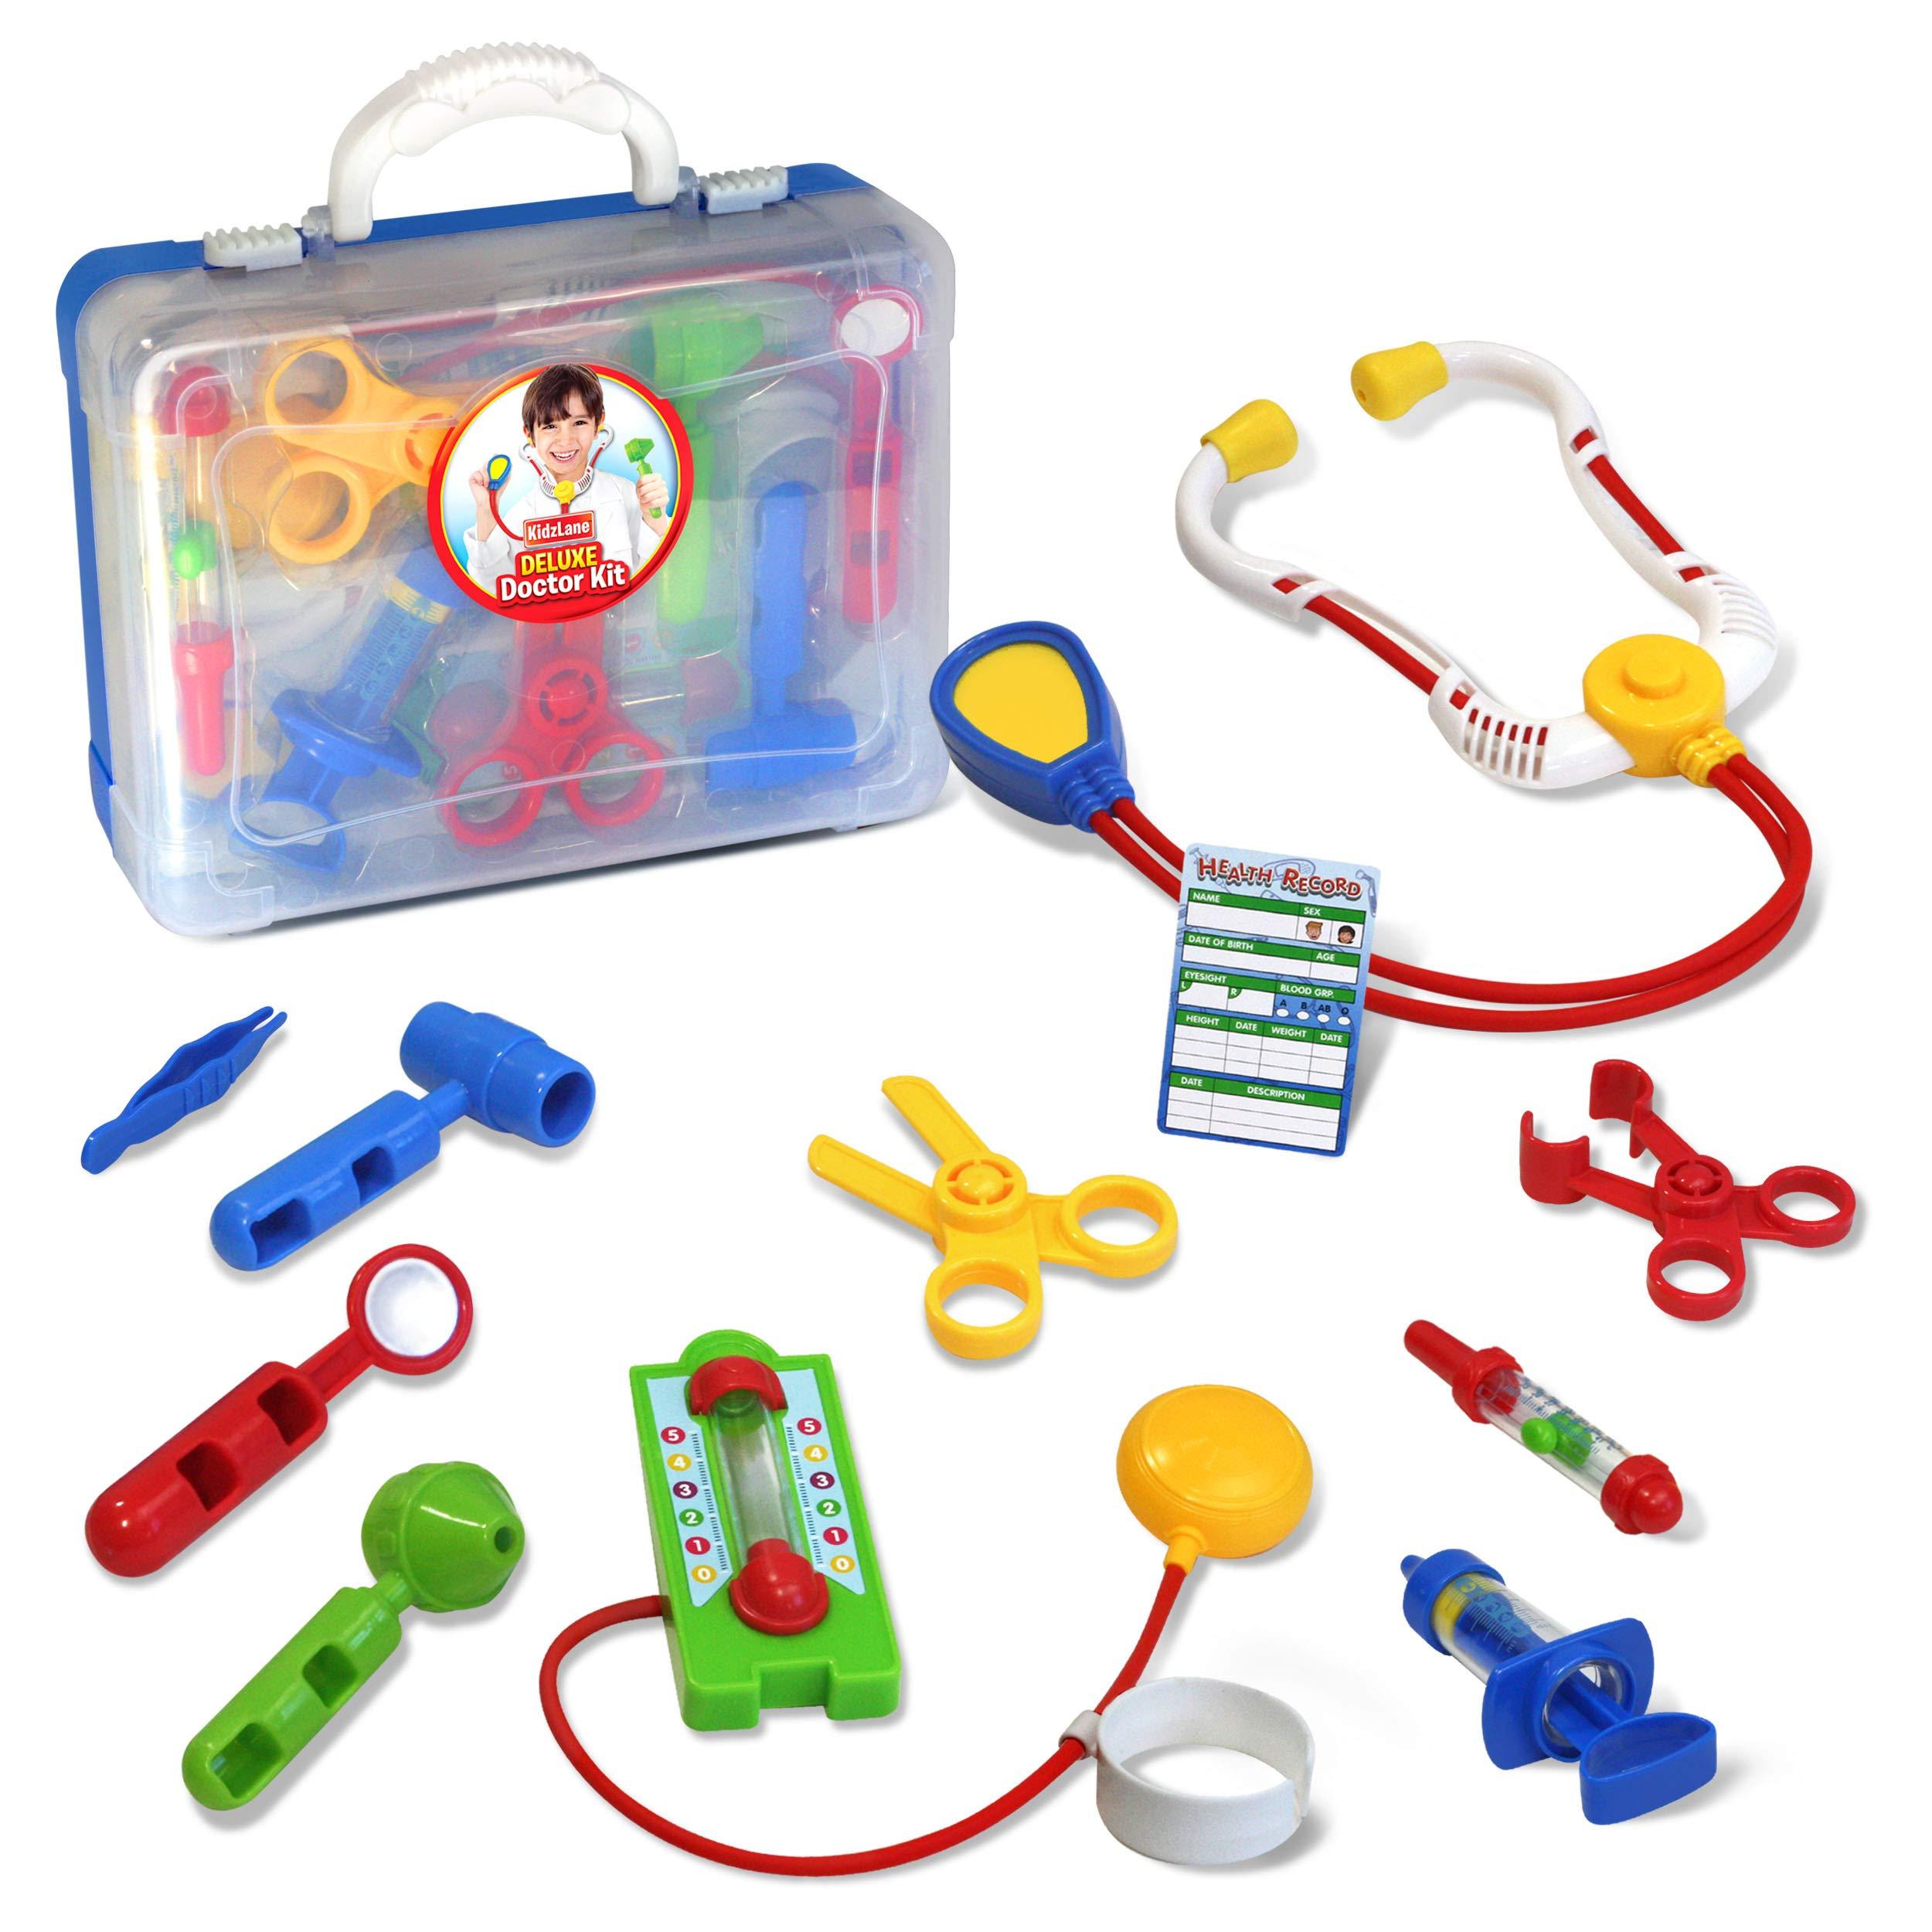 195d13d62ddc Kidzlane Deluxe Doctor Medical Kit - Pretend Play Set for Kids - CN ...